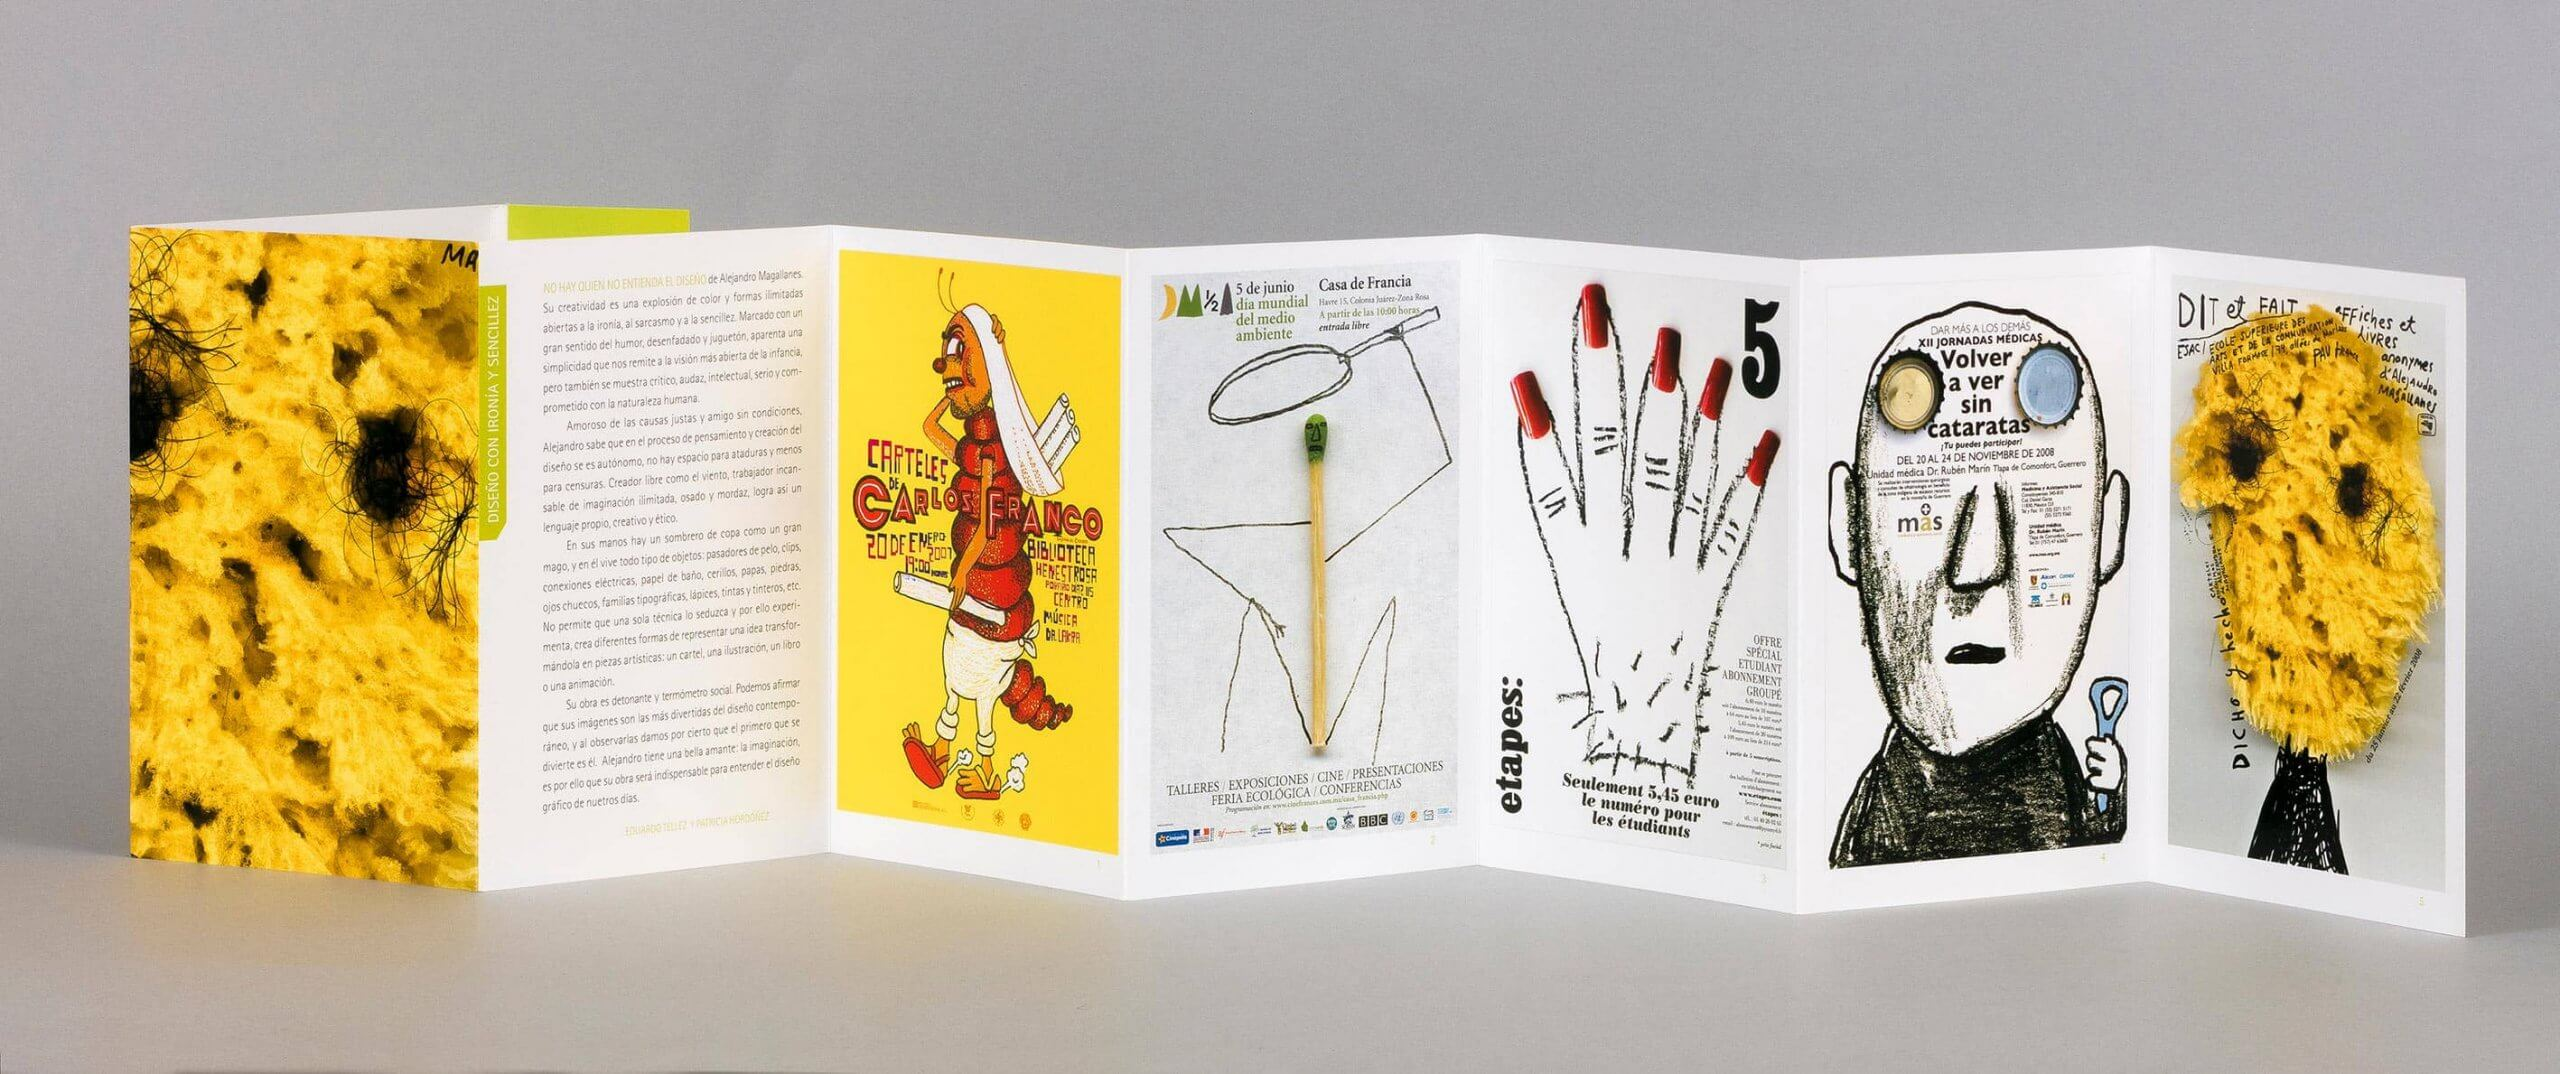 ilustraciones de alejandro magallanes